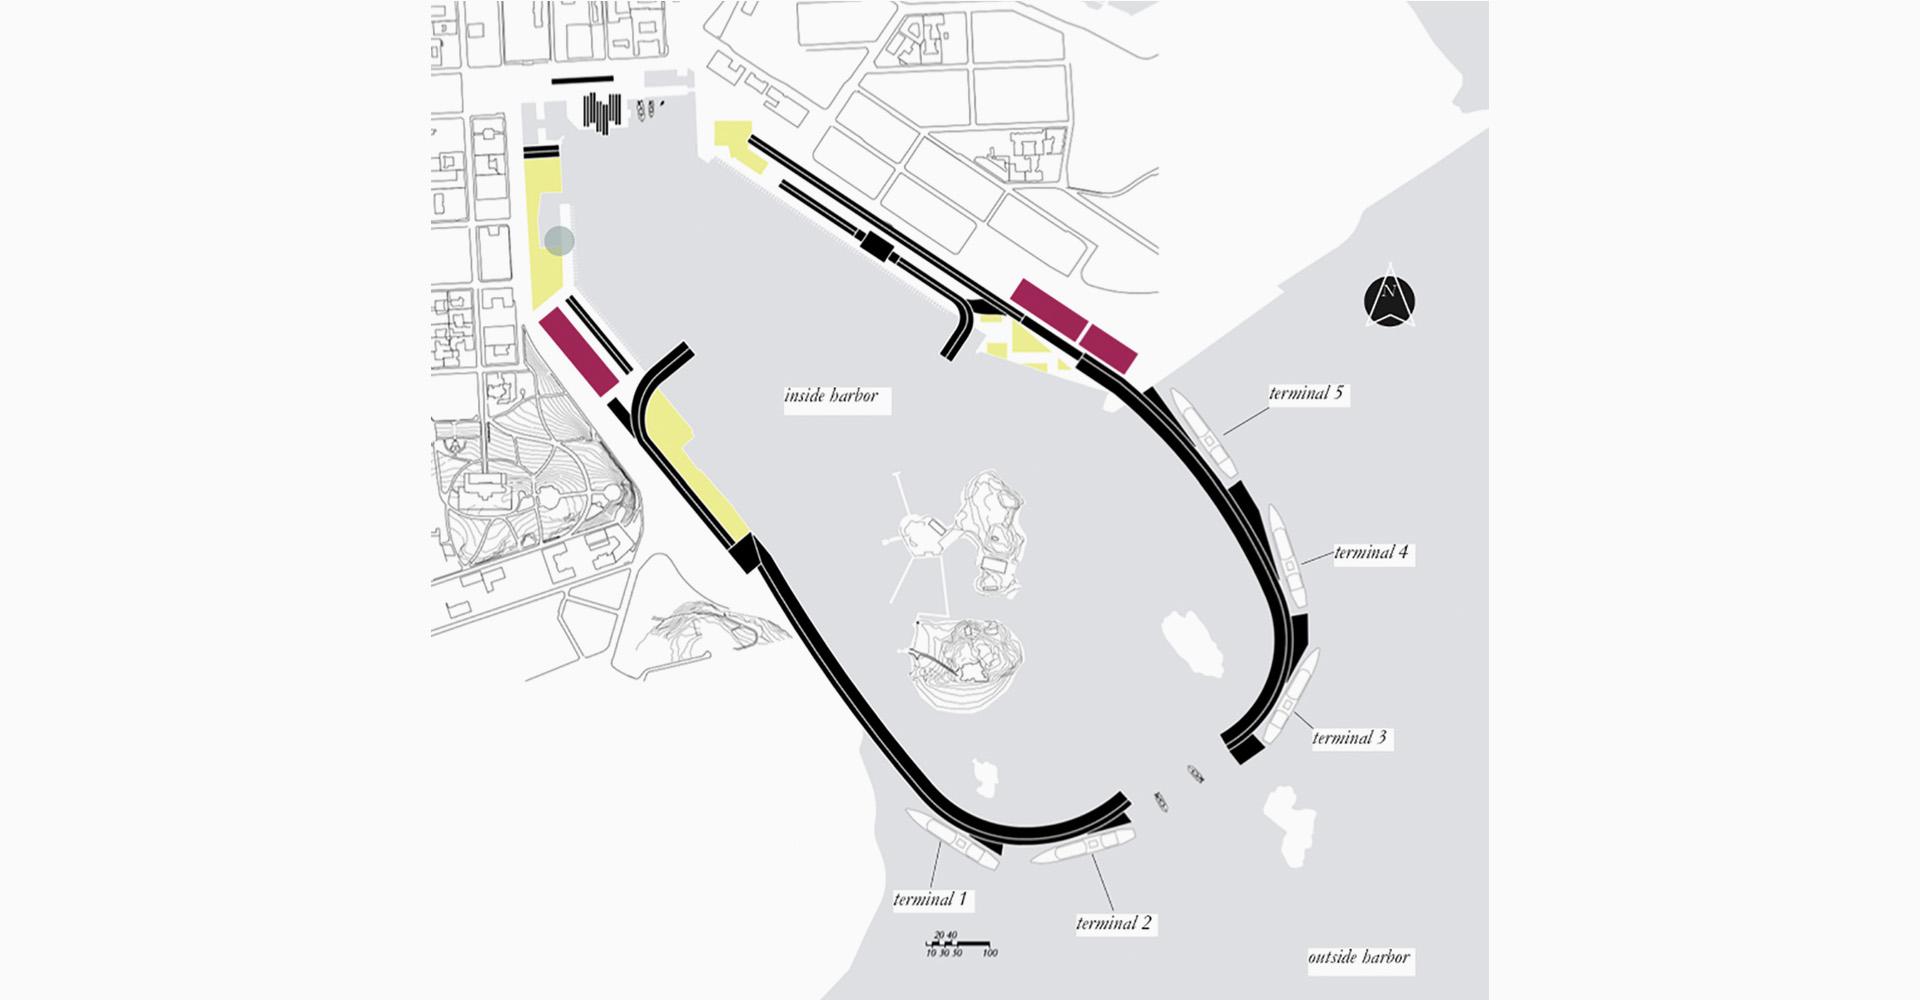 Planimetria proposta Next Helsinki per la riqualificazione del Porto Sud di Helsinki